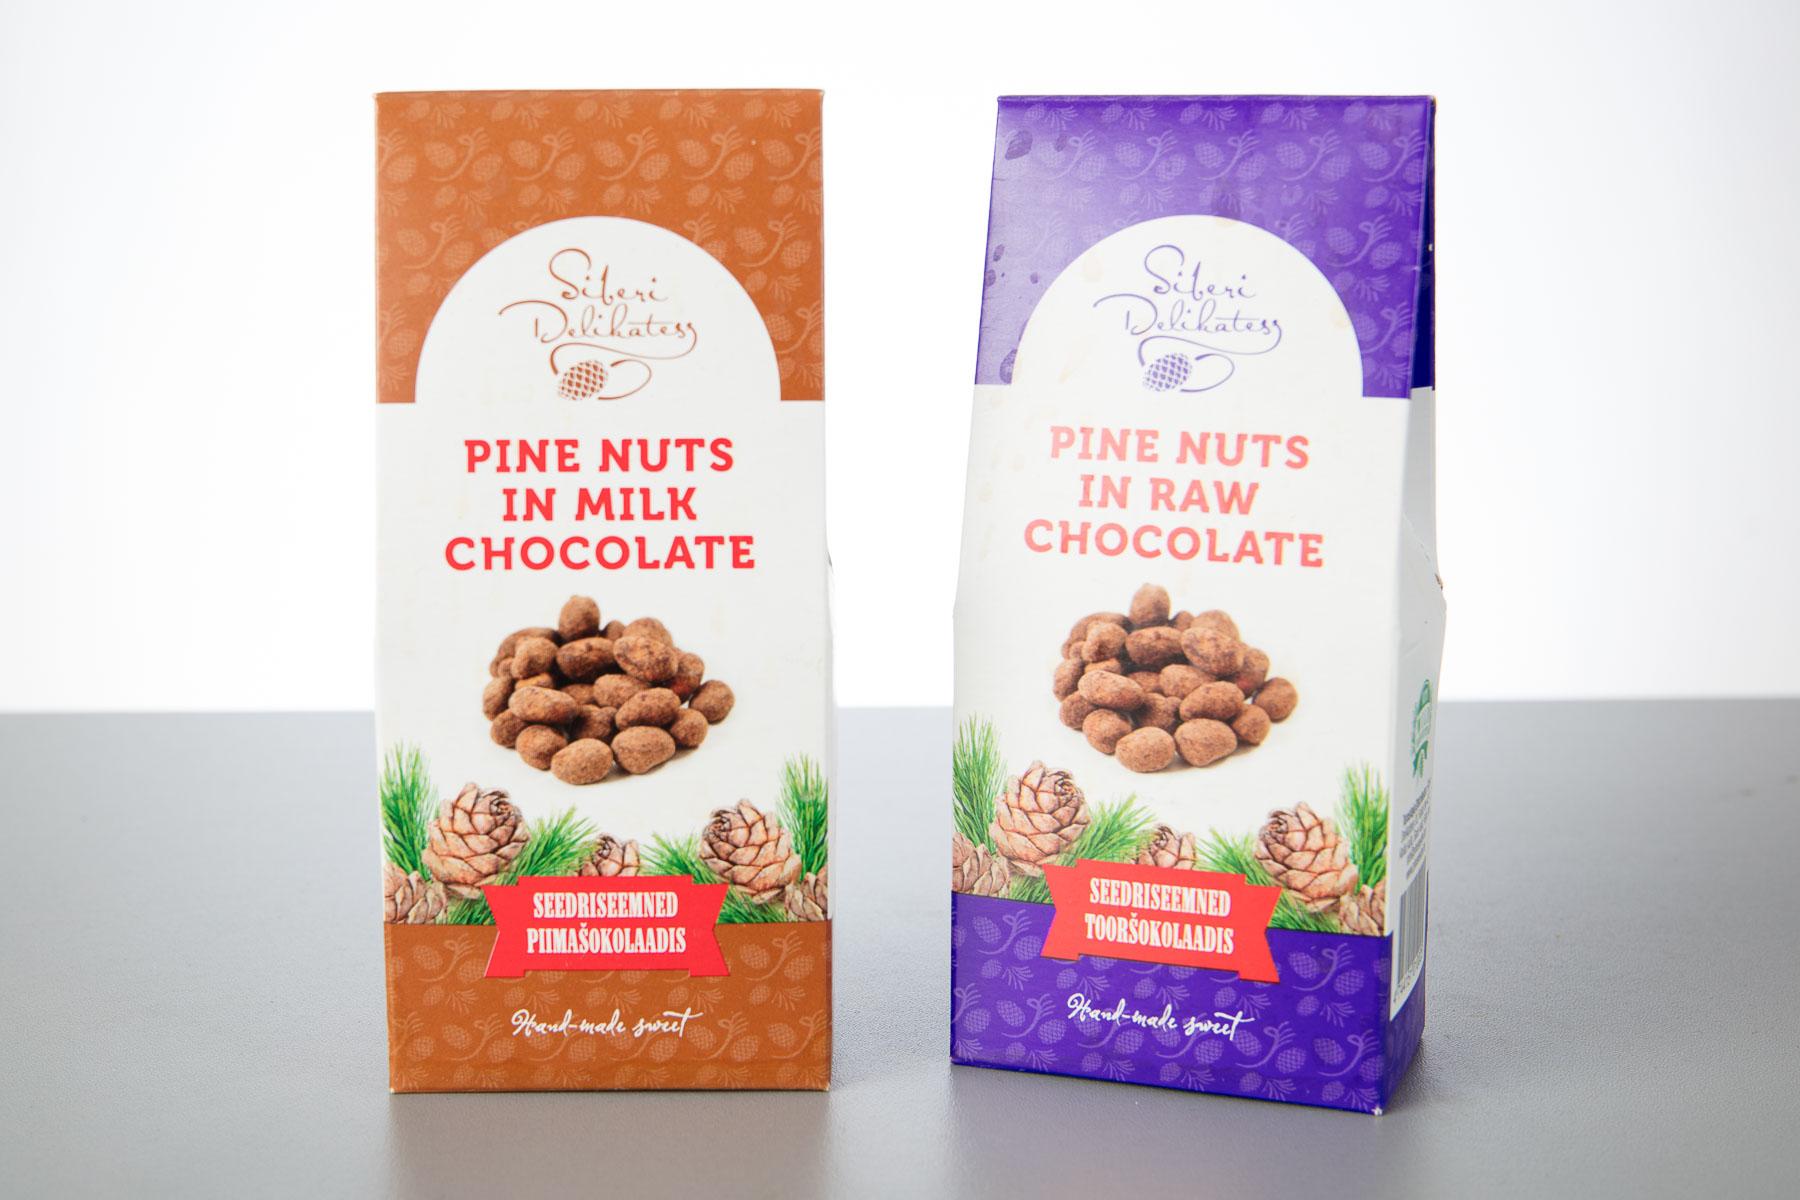 Pine Nut tooteseeria - Siberi Delikatess OÜ